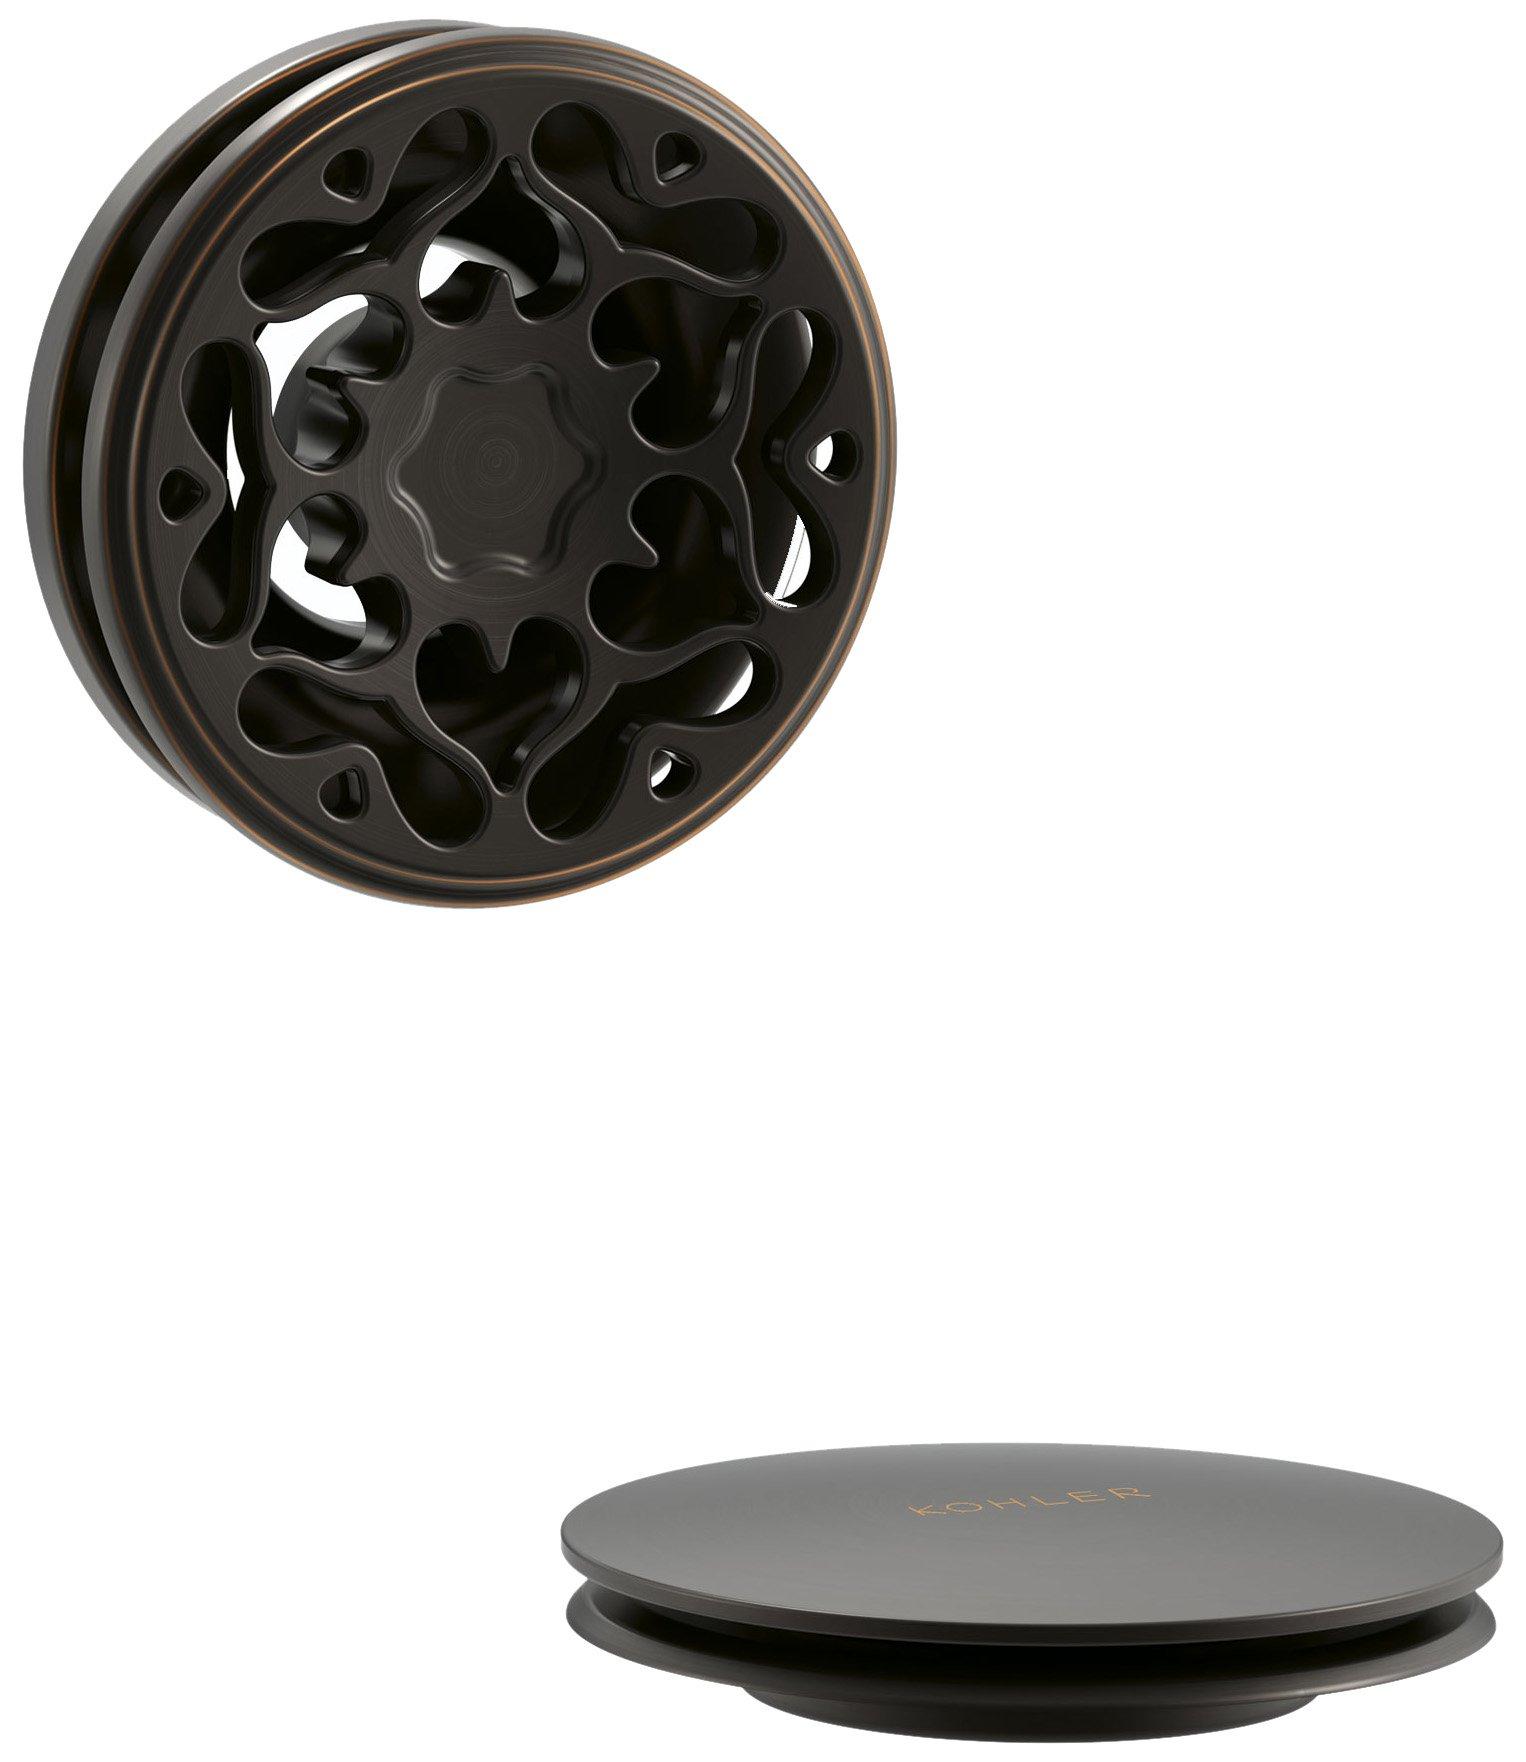 Kohler K-T37397-2BZ PureFlo Cable Bath Drain Trim with Victorian Push Handle Button Handle, Oil Rubbed Bronze